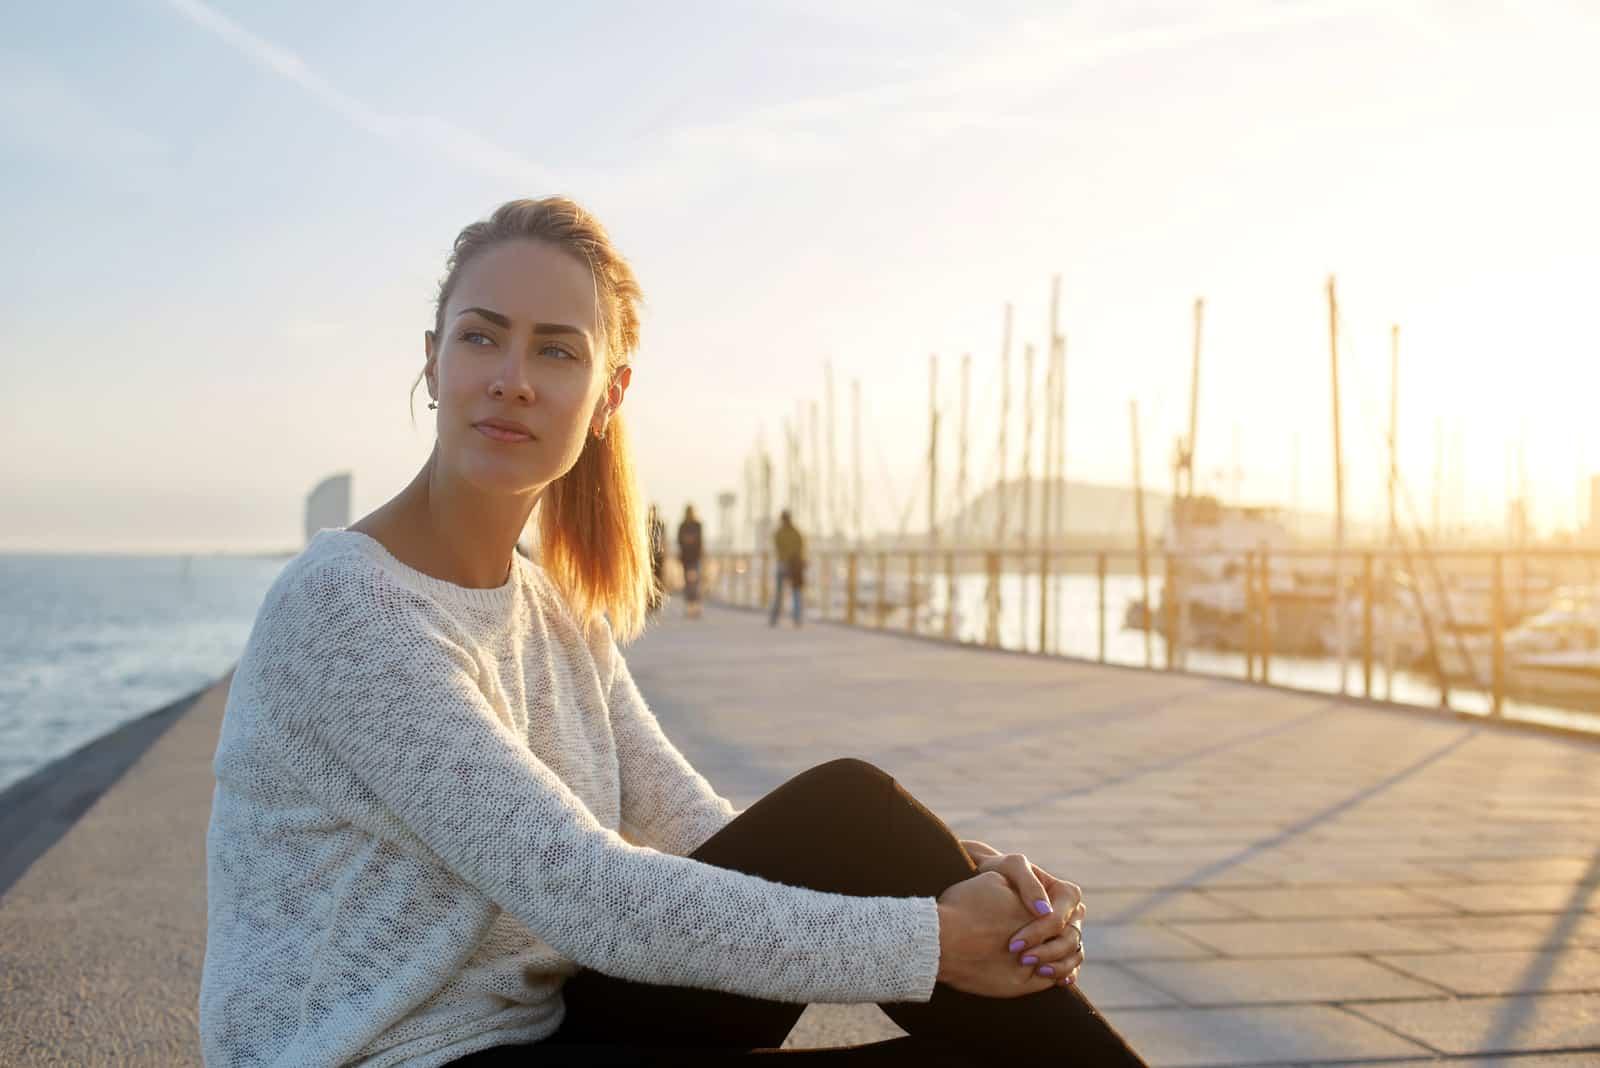 femme assise seule au bord de la mer